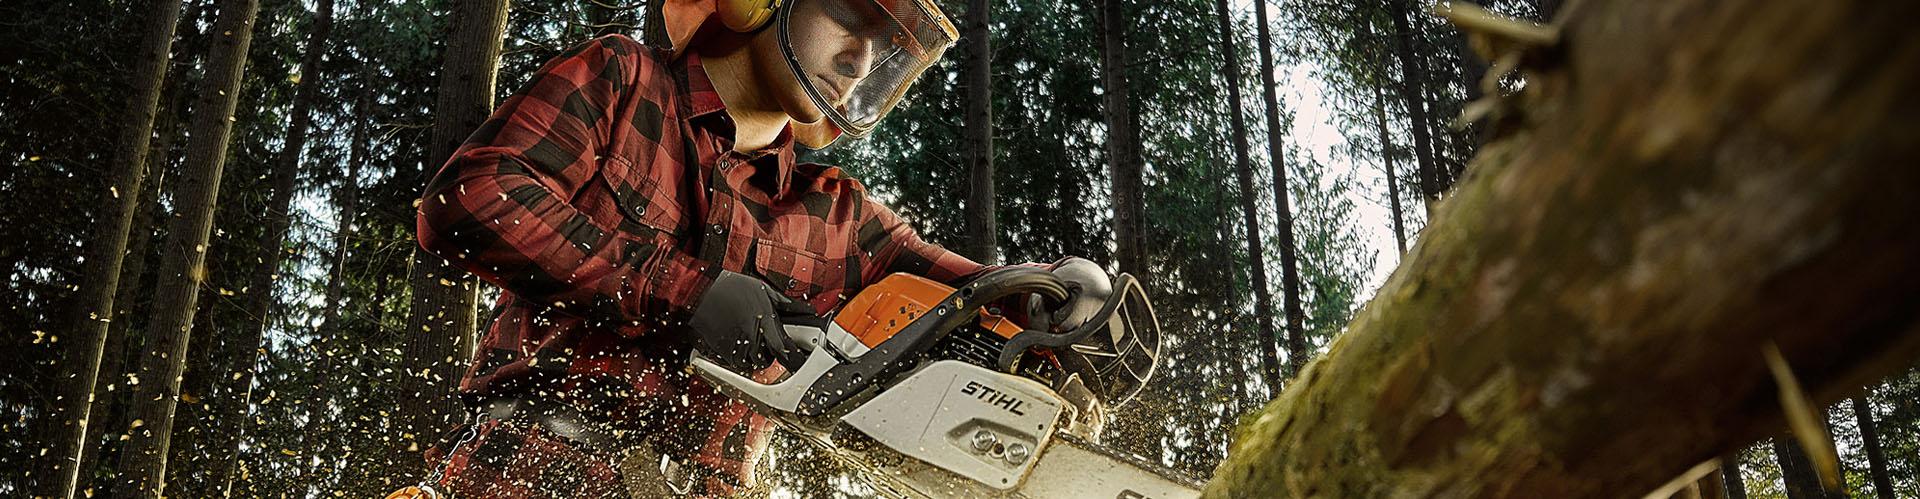 ŚRODKI OCHRONY OSOBISTEJ - image stihl-slajder on http://asmat.pl